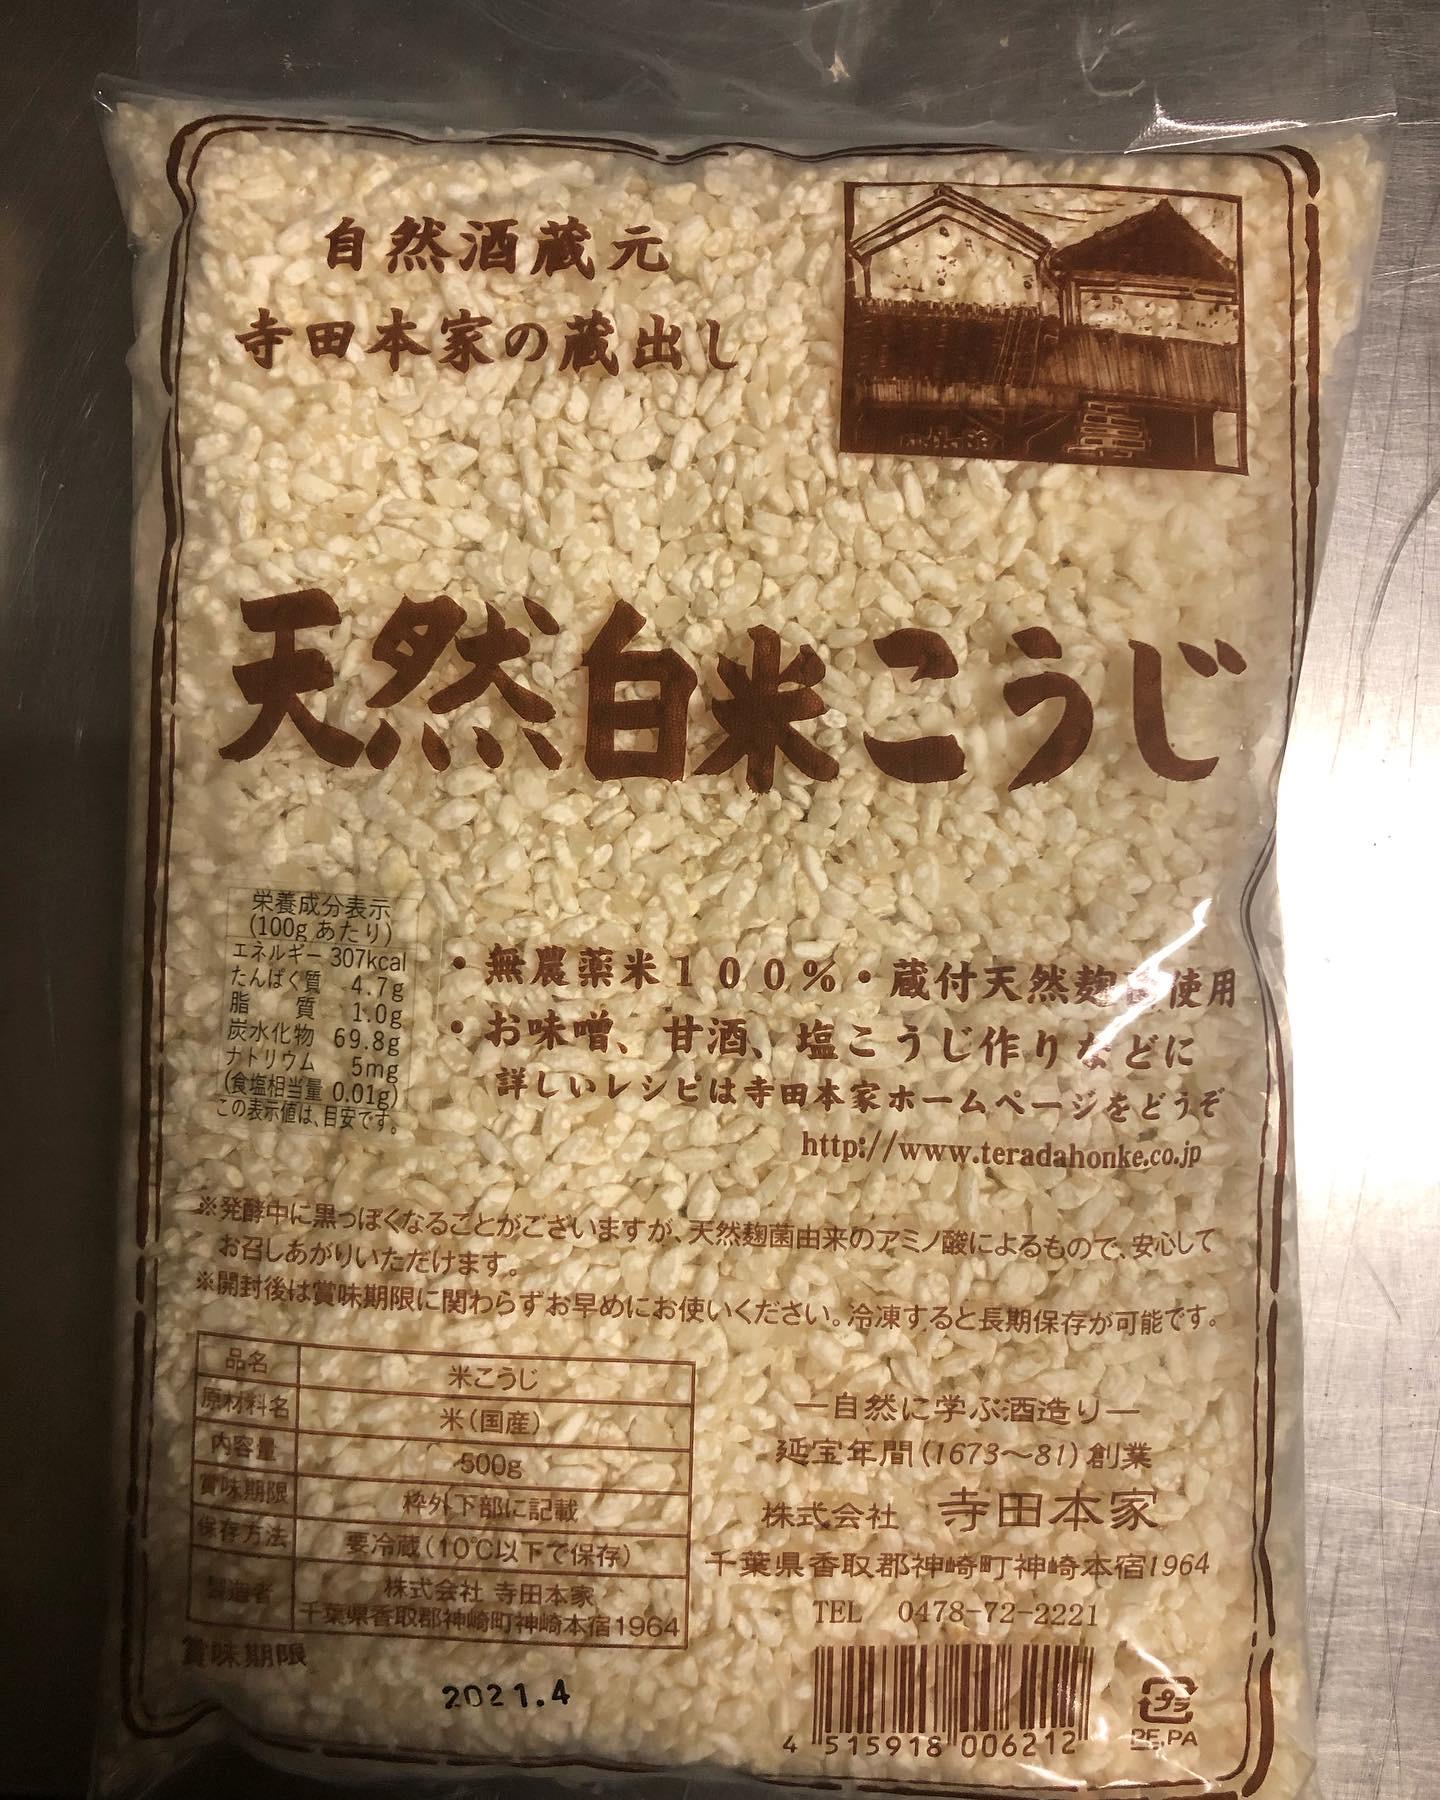 今年も寺田本家さん白米麹の取り扱いが始まりました🤗